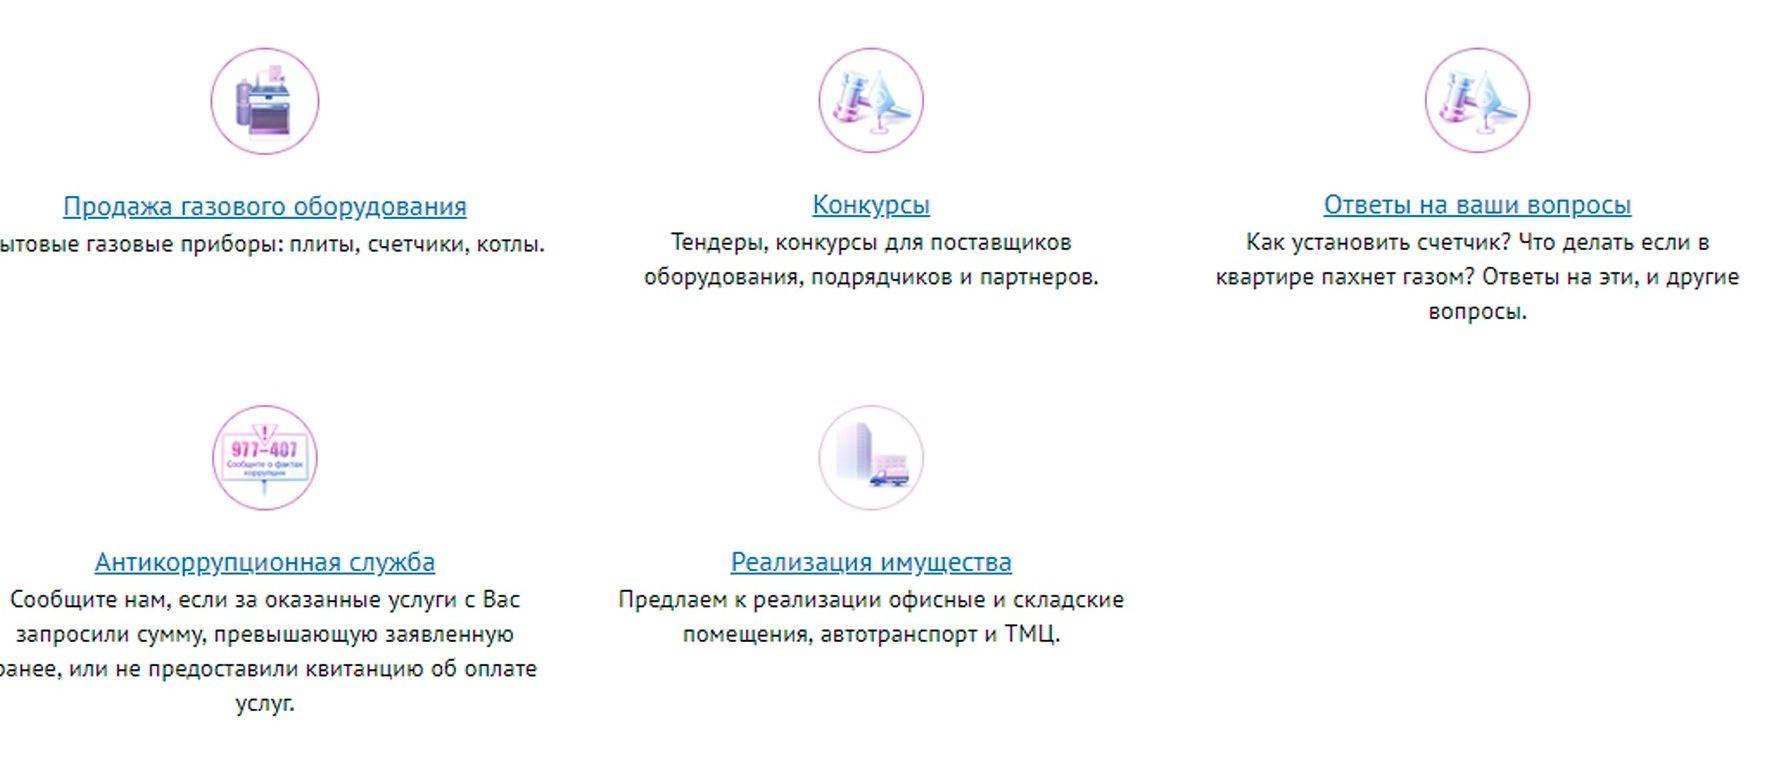 gorgaz-omsk-omskgorgaz-oficialnyj-sajt-4-e1533758798382.jpg